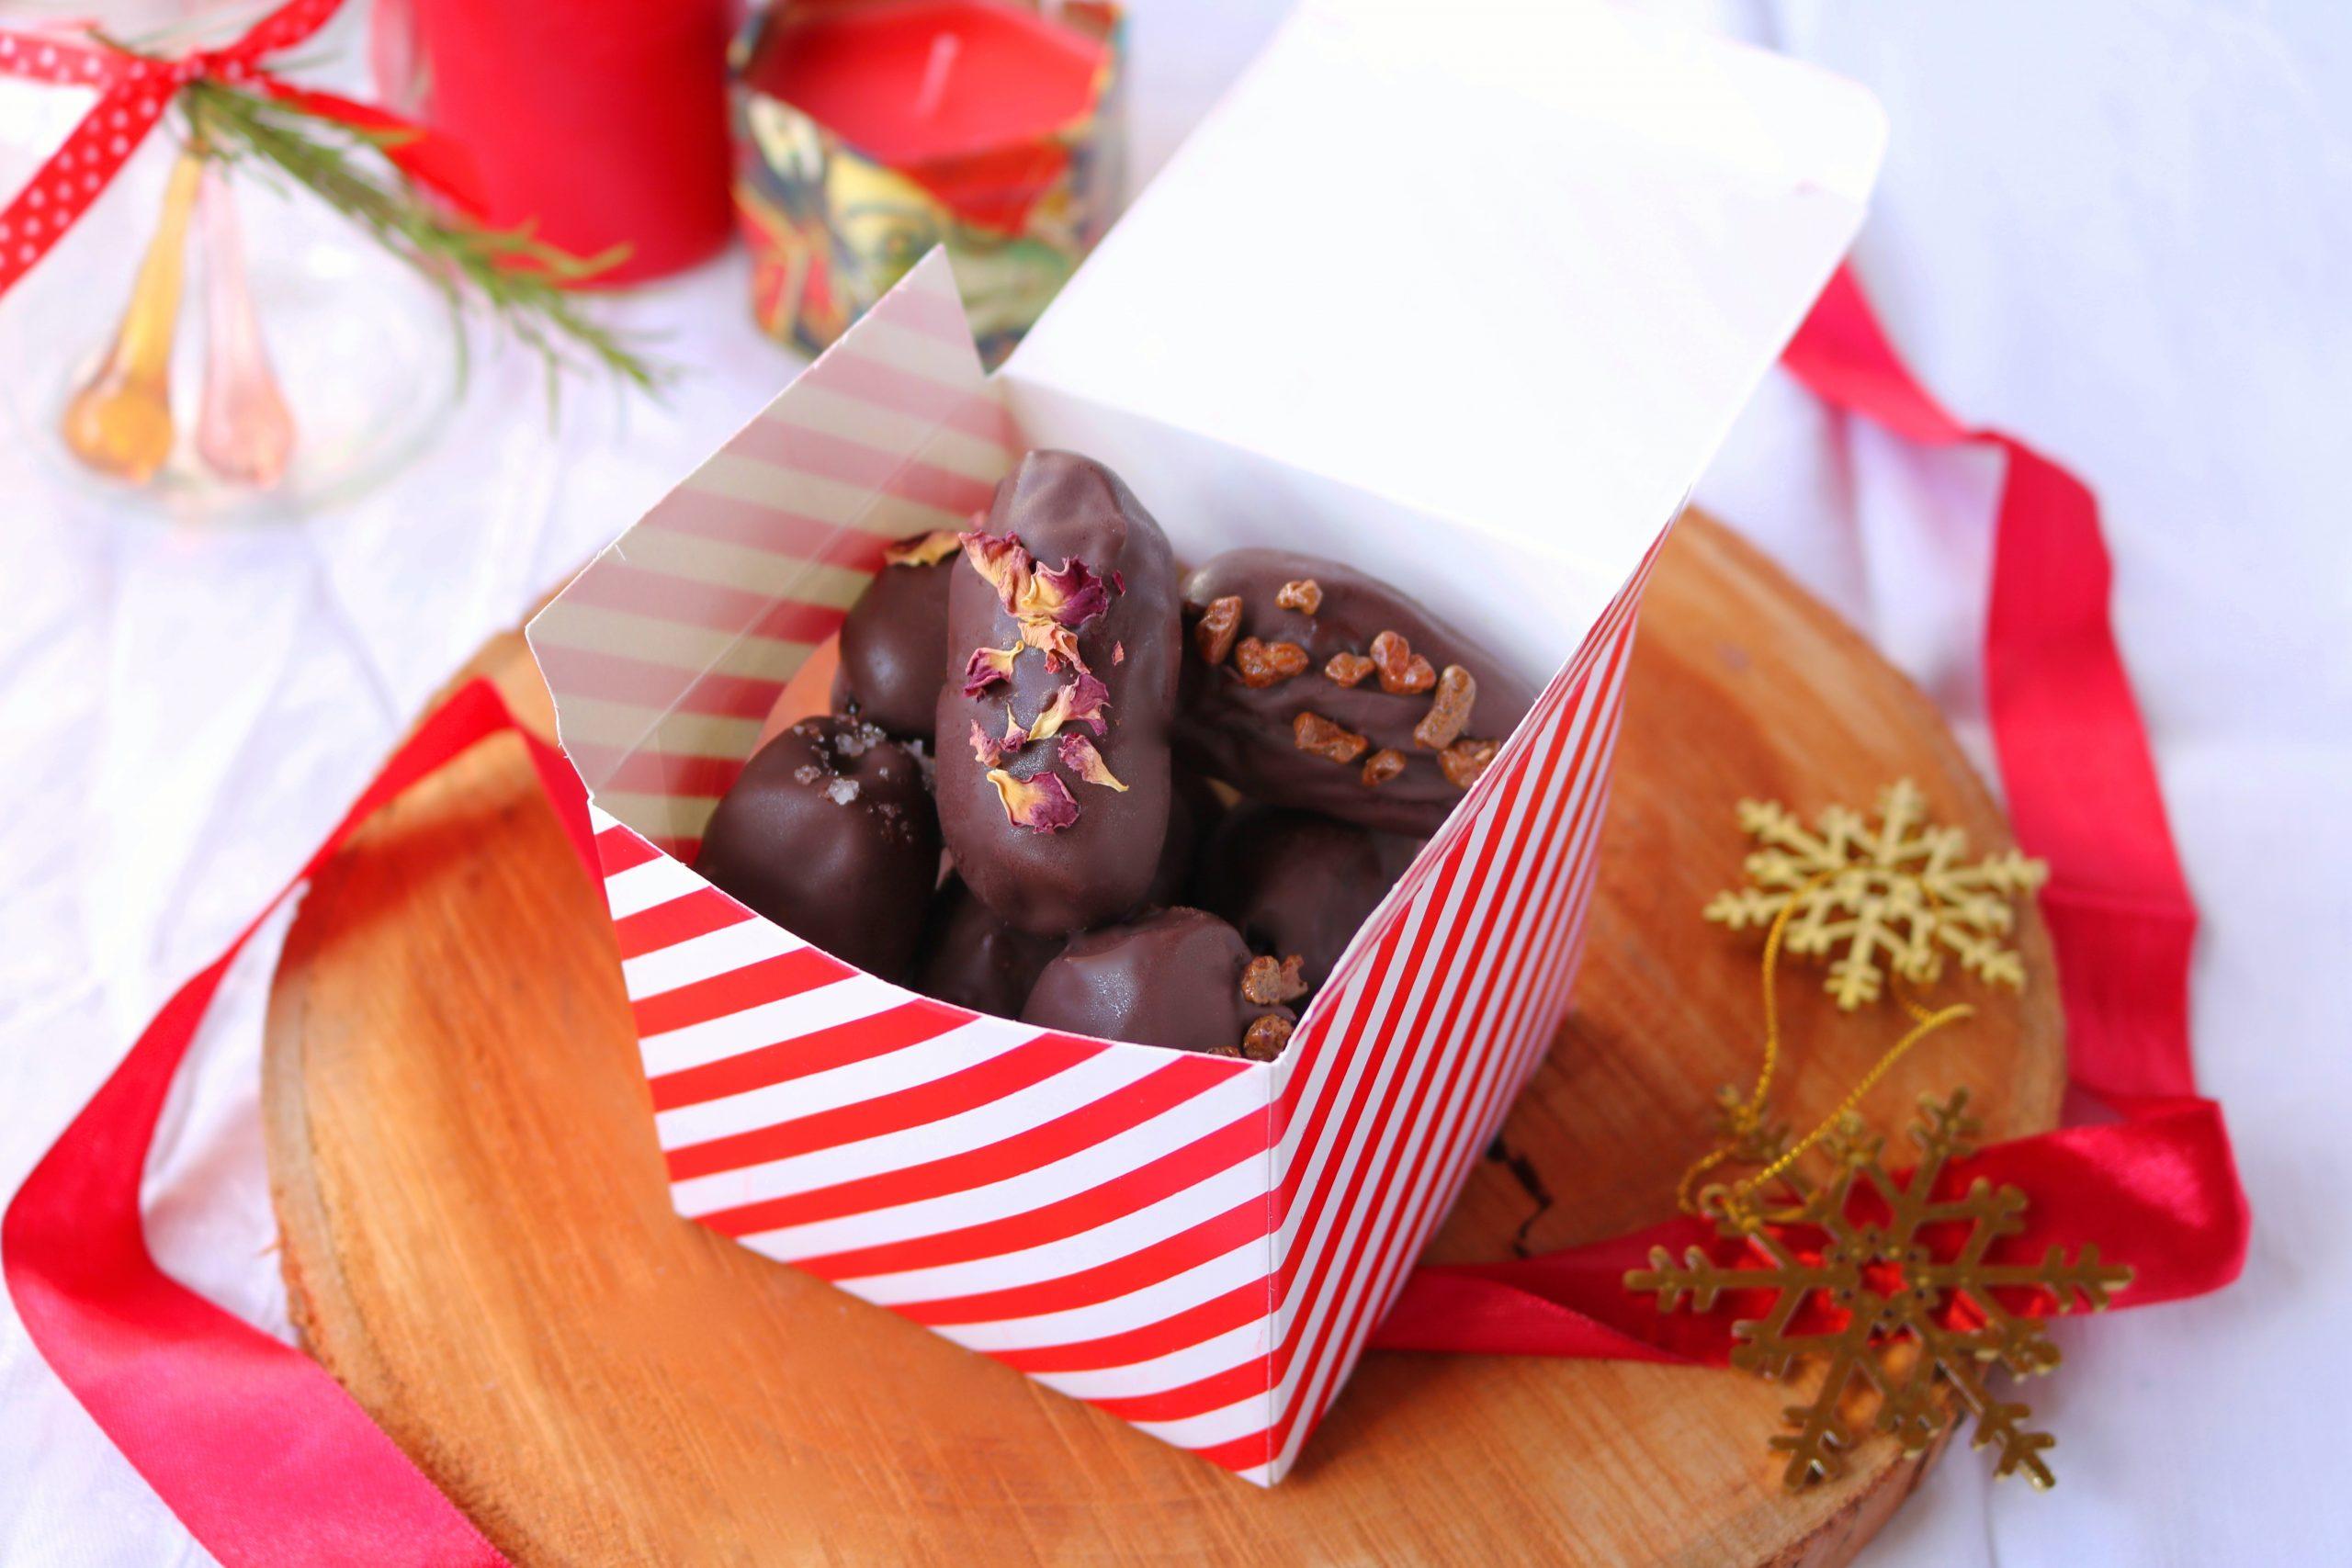 bombons de tâmaras e chocolate preto